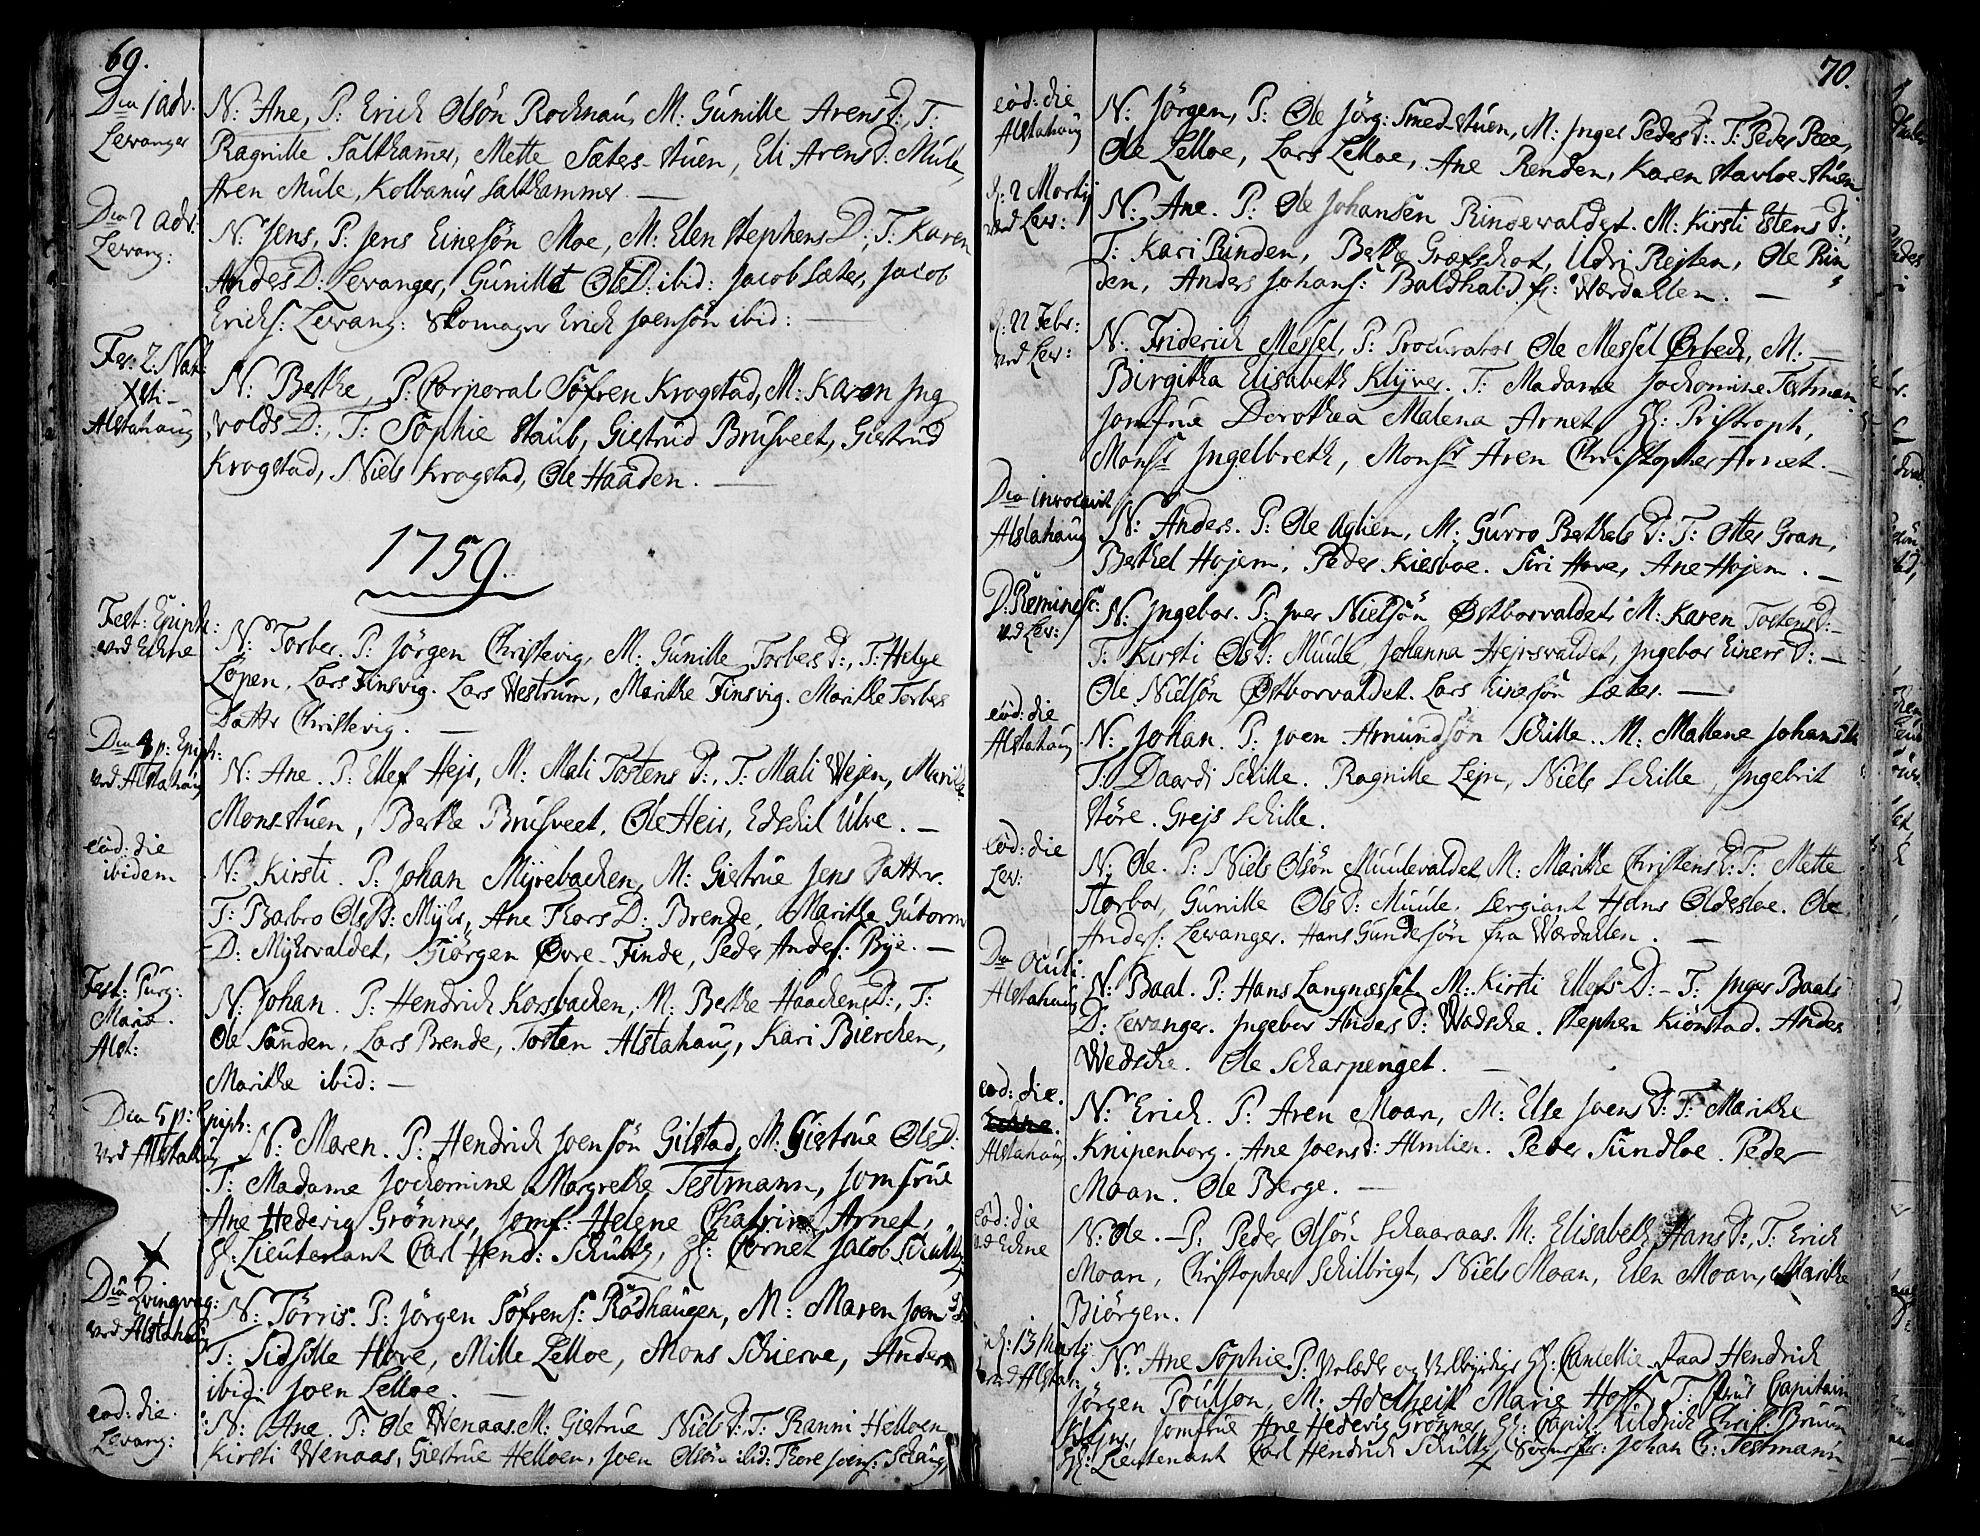 SAT, Ministerialprotokoller, klokkerbøker og fødselsregistre - Nord-Trøndelag, 717/L0141: Ministerialbok nr. 717A01, 1747-1803, s. 69-70